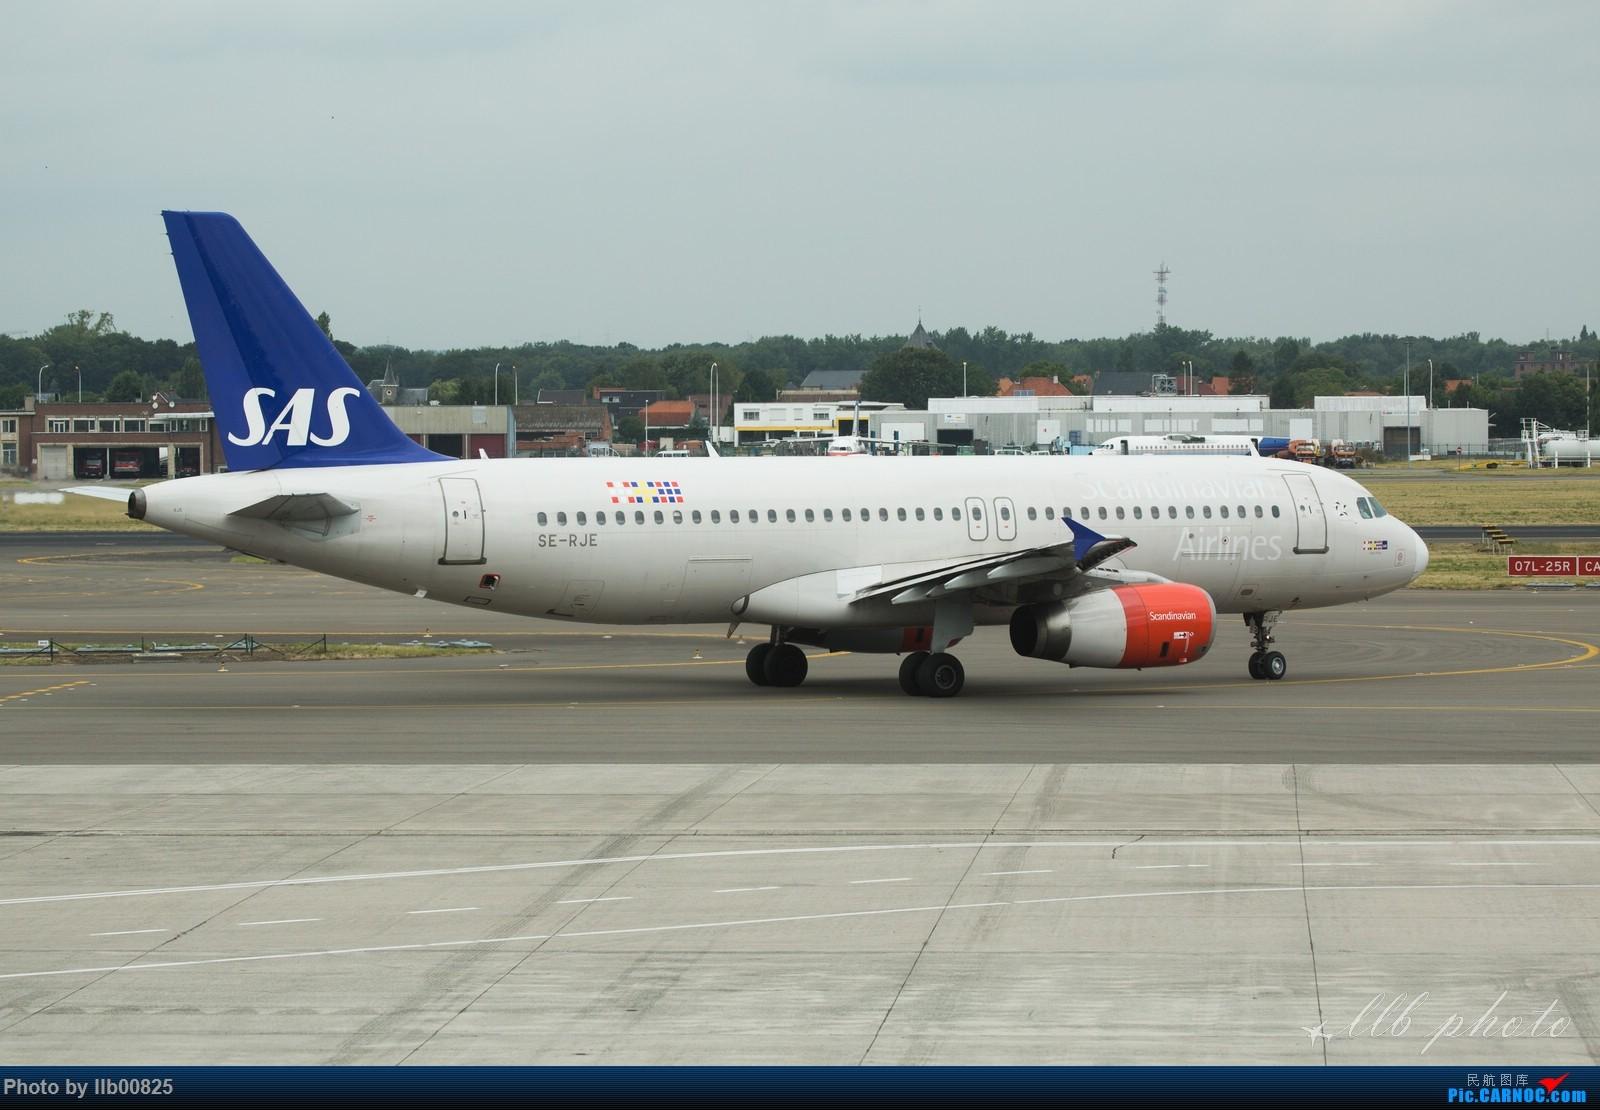 Re:[原创]赫尔辛基-布鲁塞尔一些杂图 AIRBUS A320 SE-RJE 比利时布鲁塞尔机场